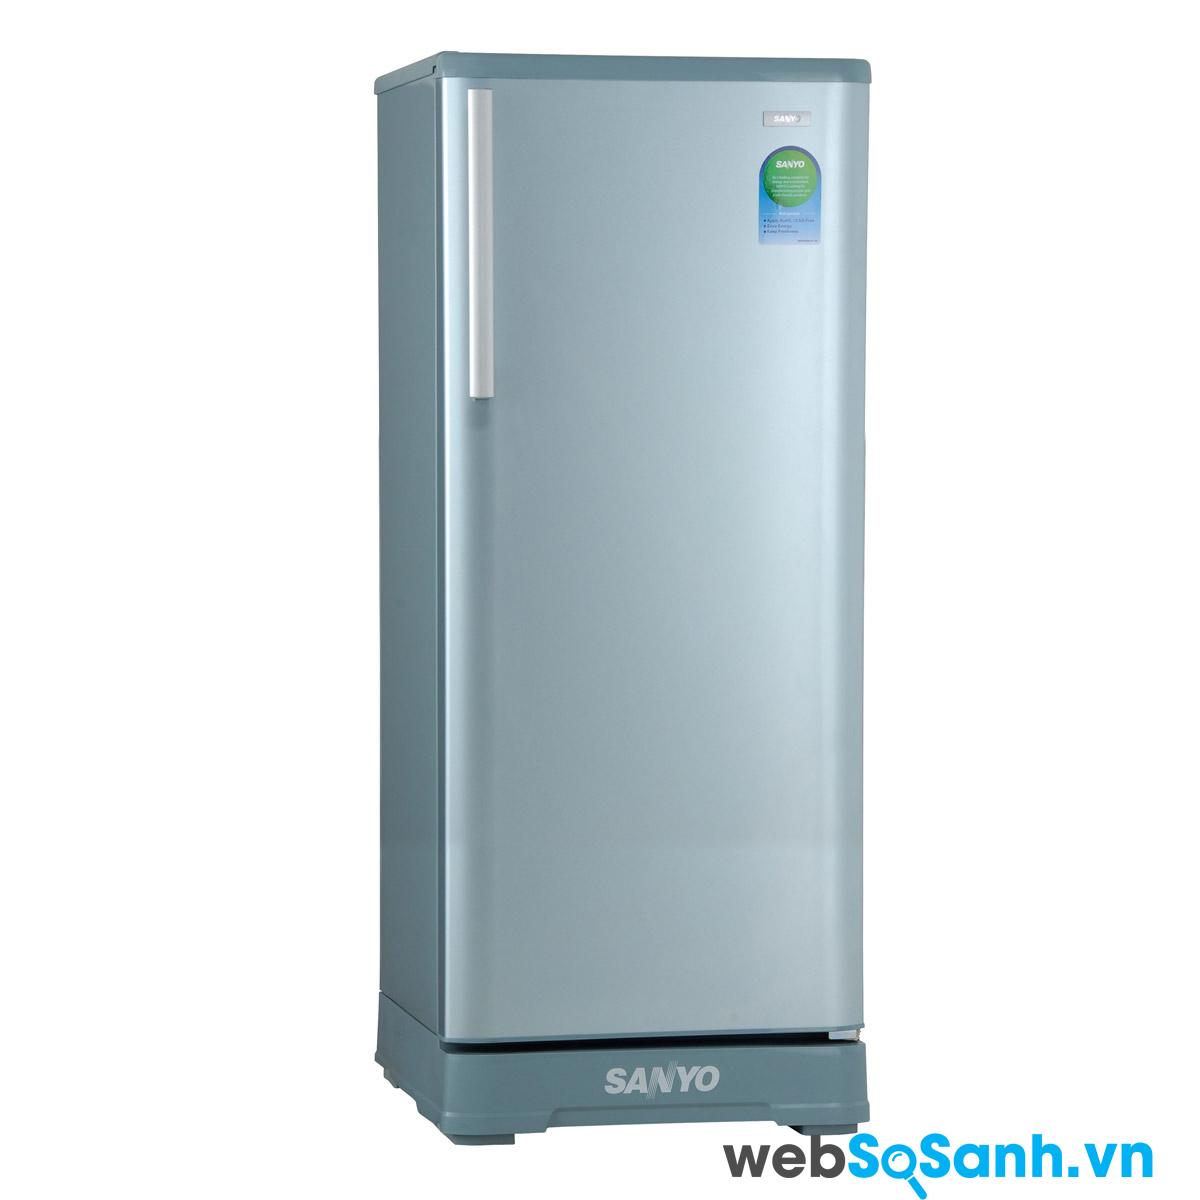 Tủ lạnh Sanyo được nhiều người tiêu dùng Việt Nam ưa thích sử dụng